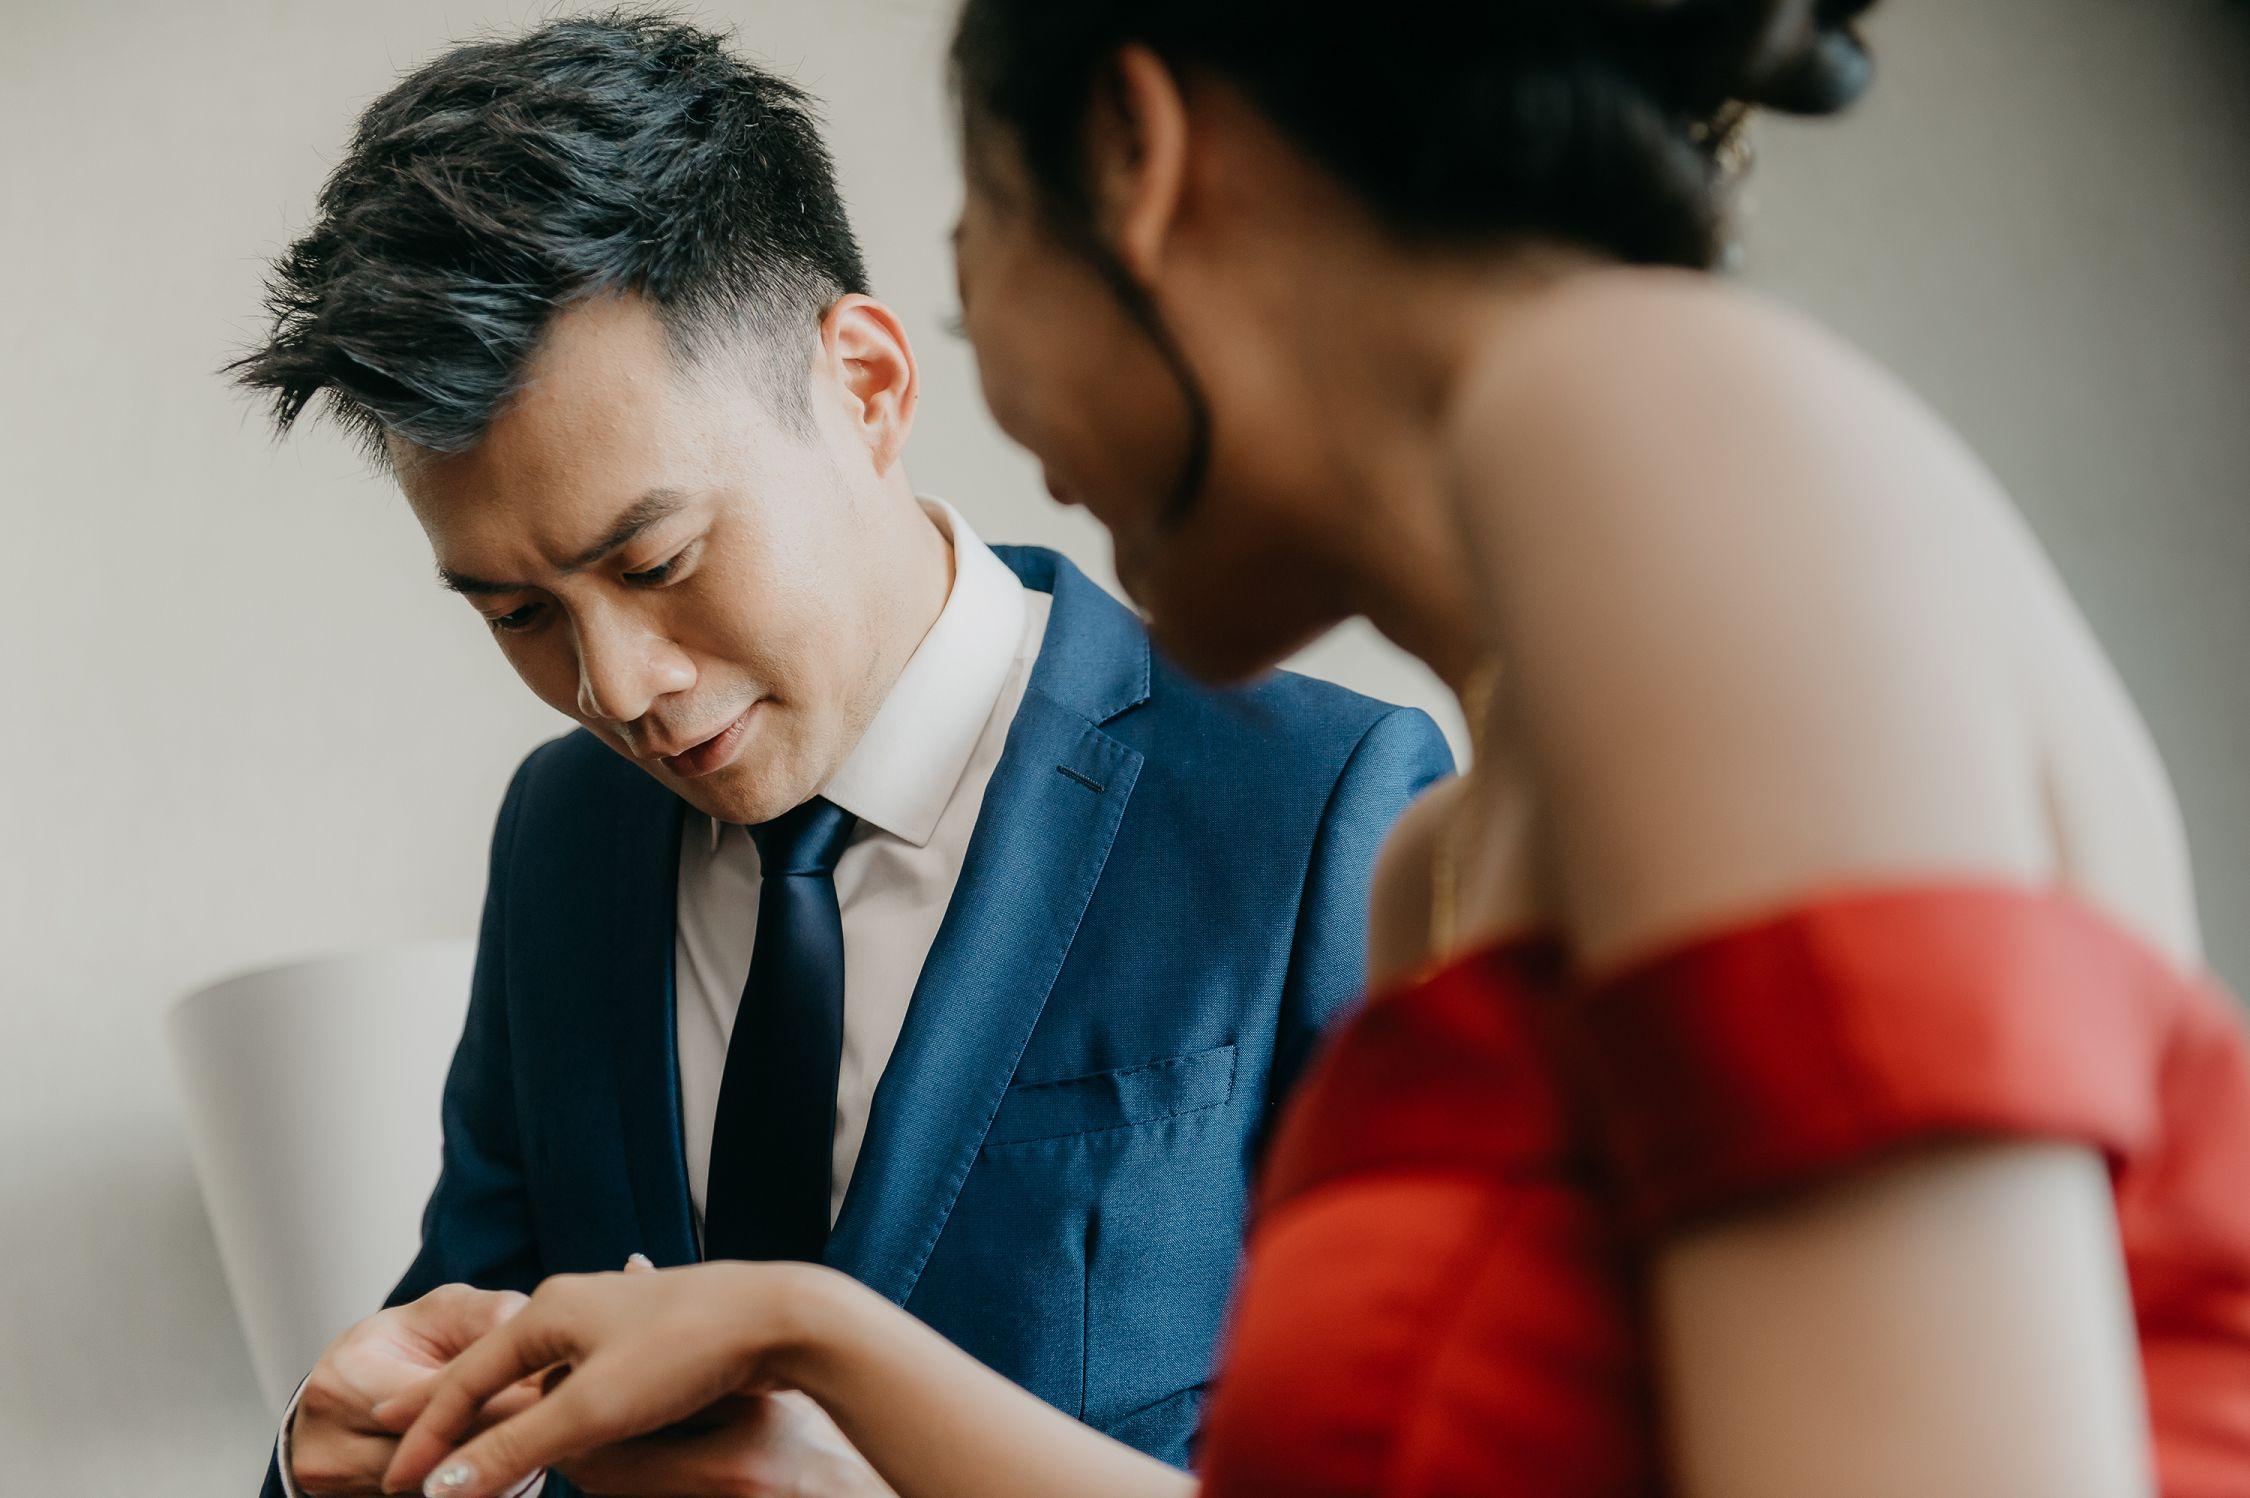 婚禮紀錄,婚禮攝影,婚攝,雙機攝影,北部婚攝,維多麗亞酒店,大直,證婚,婚顧,主持人,新秘,風雲20,游阿三,